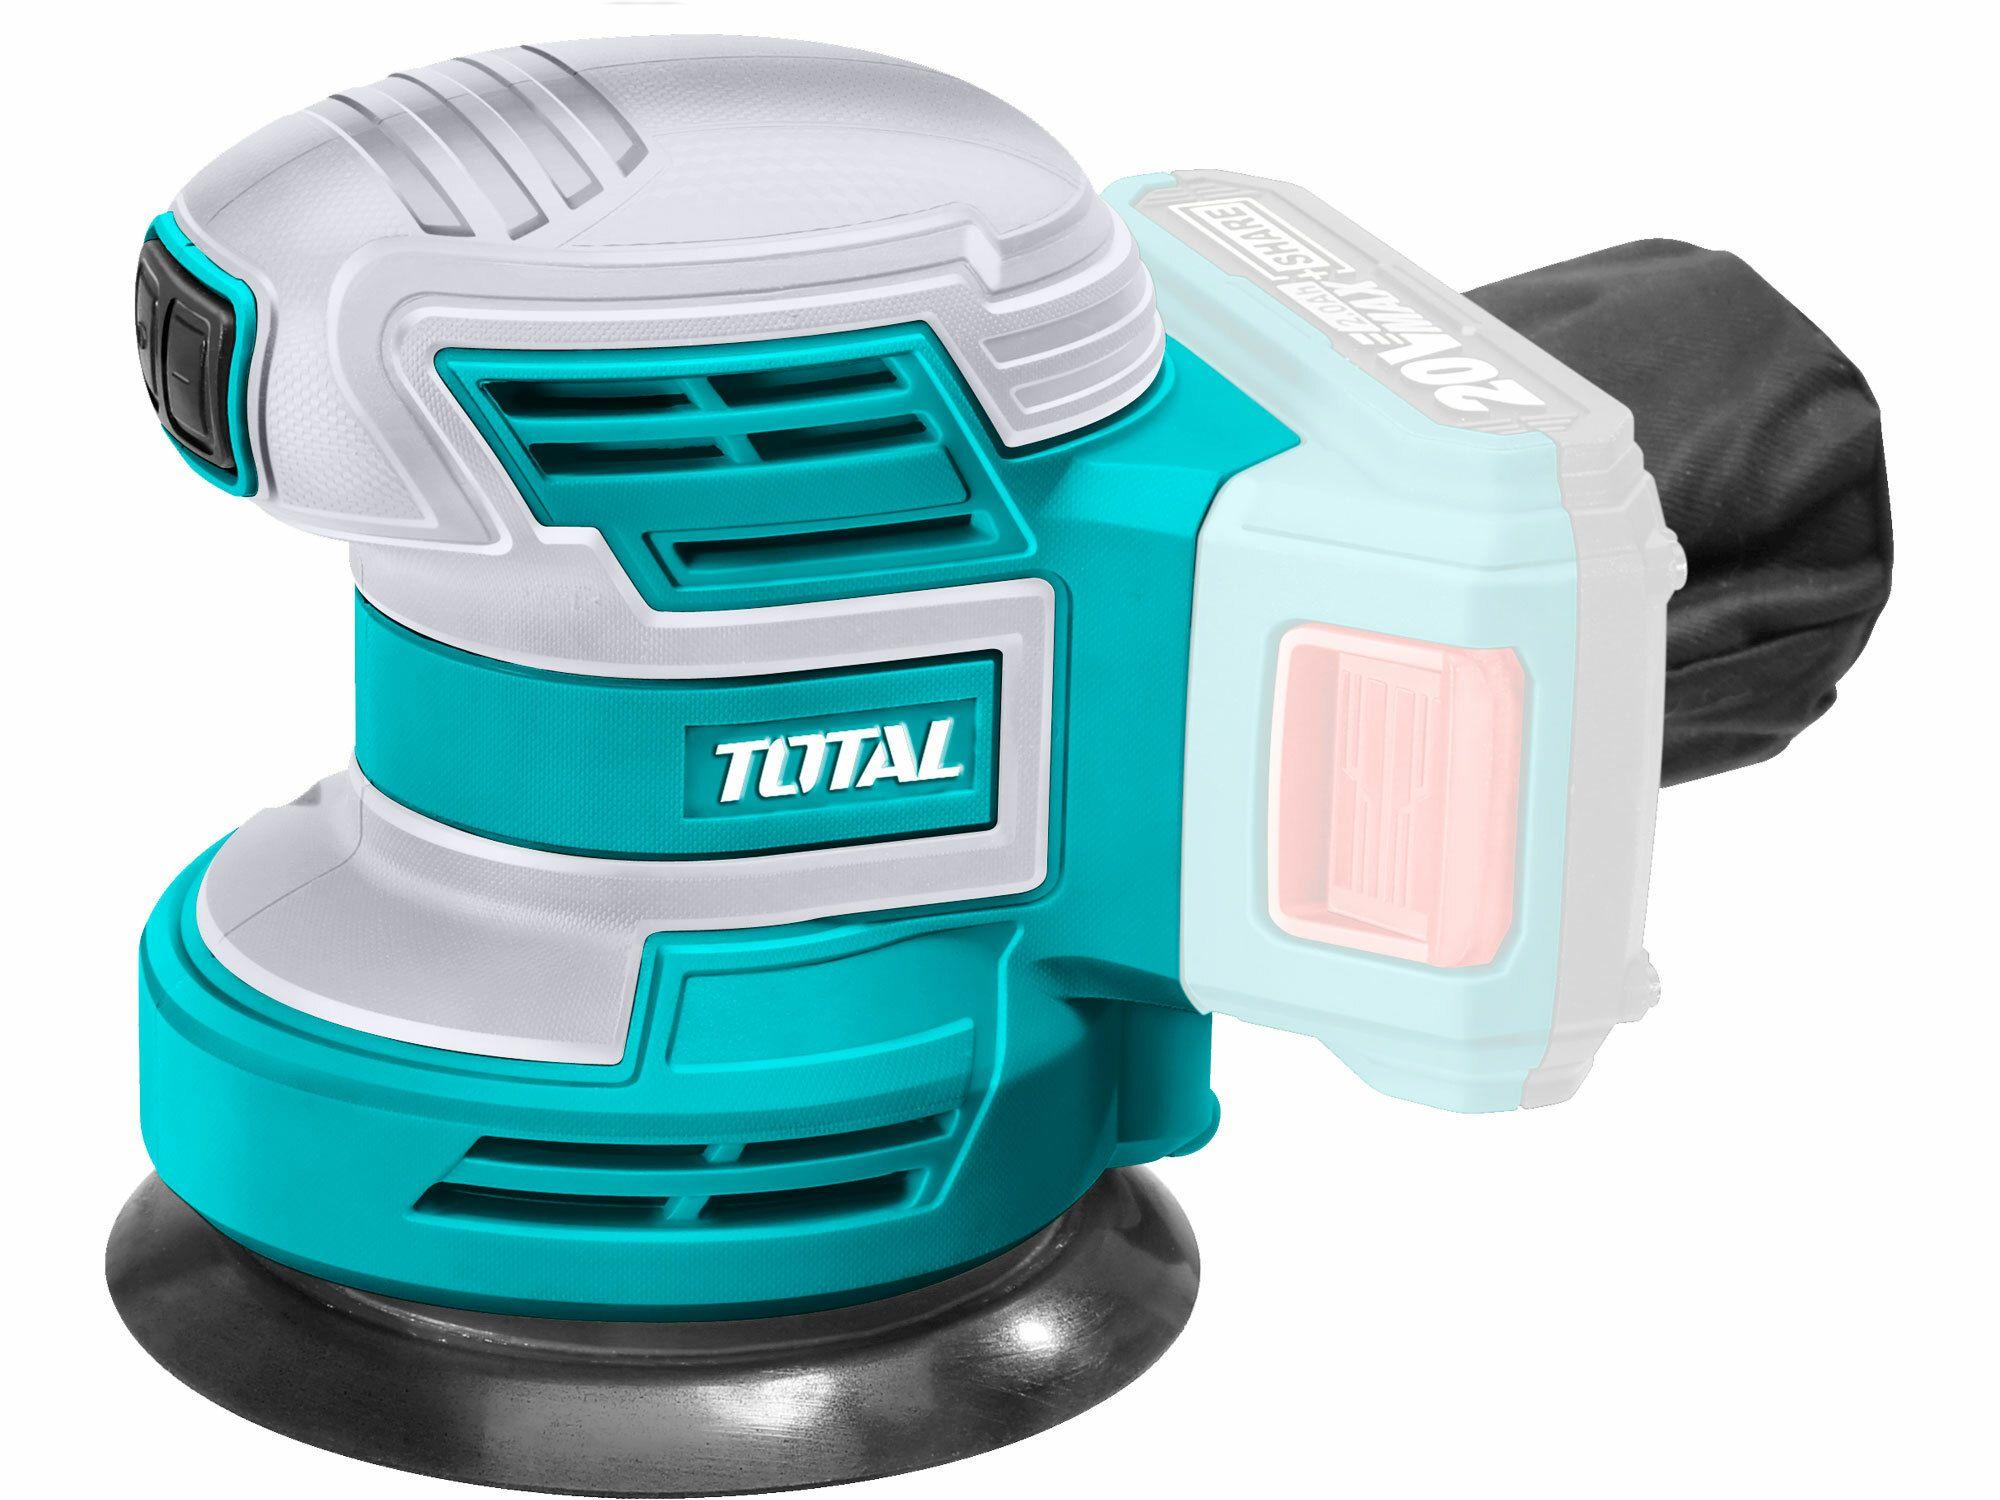 TOTAL TROSLI2001 Bruska excentrická AKU, 125mm, 20V Li-ion, 2000mAh, industrial - bez baterie a nabíječky